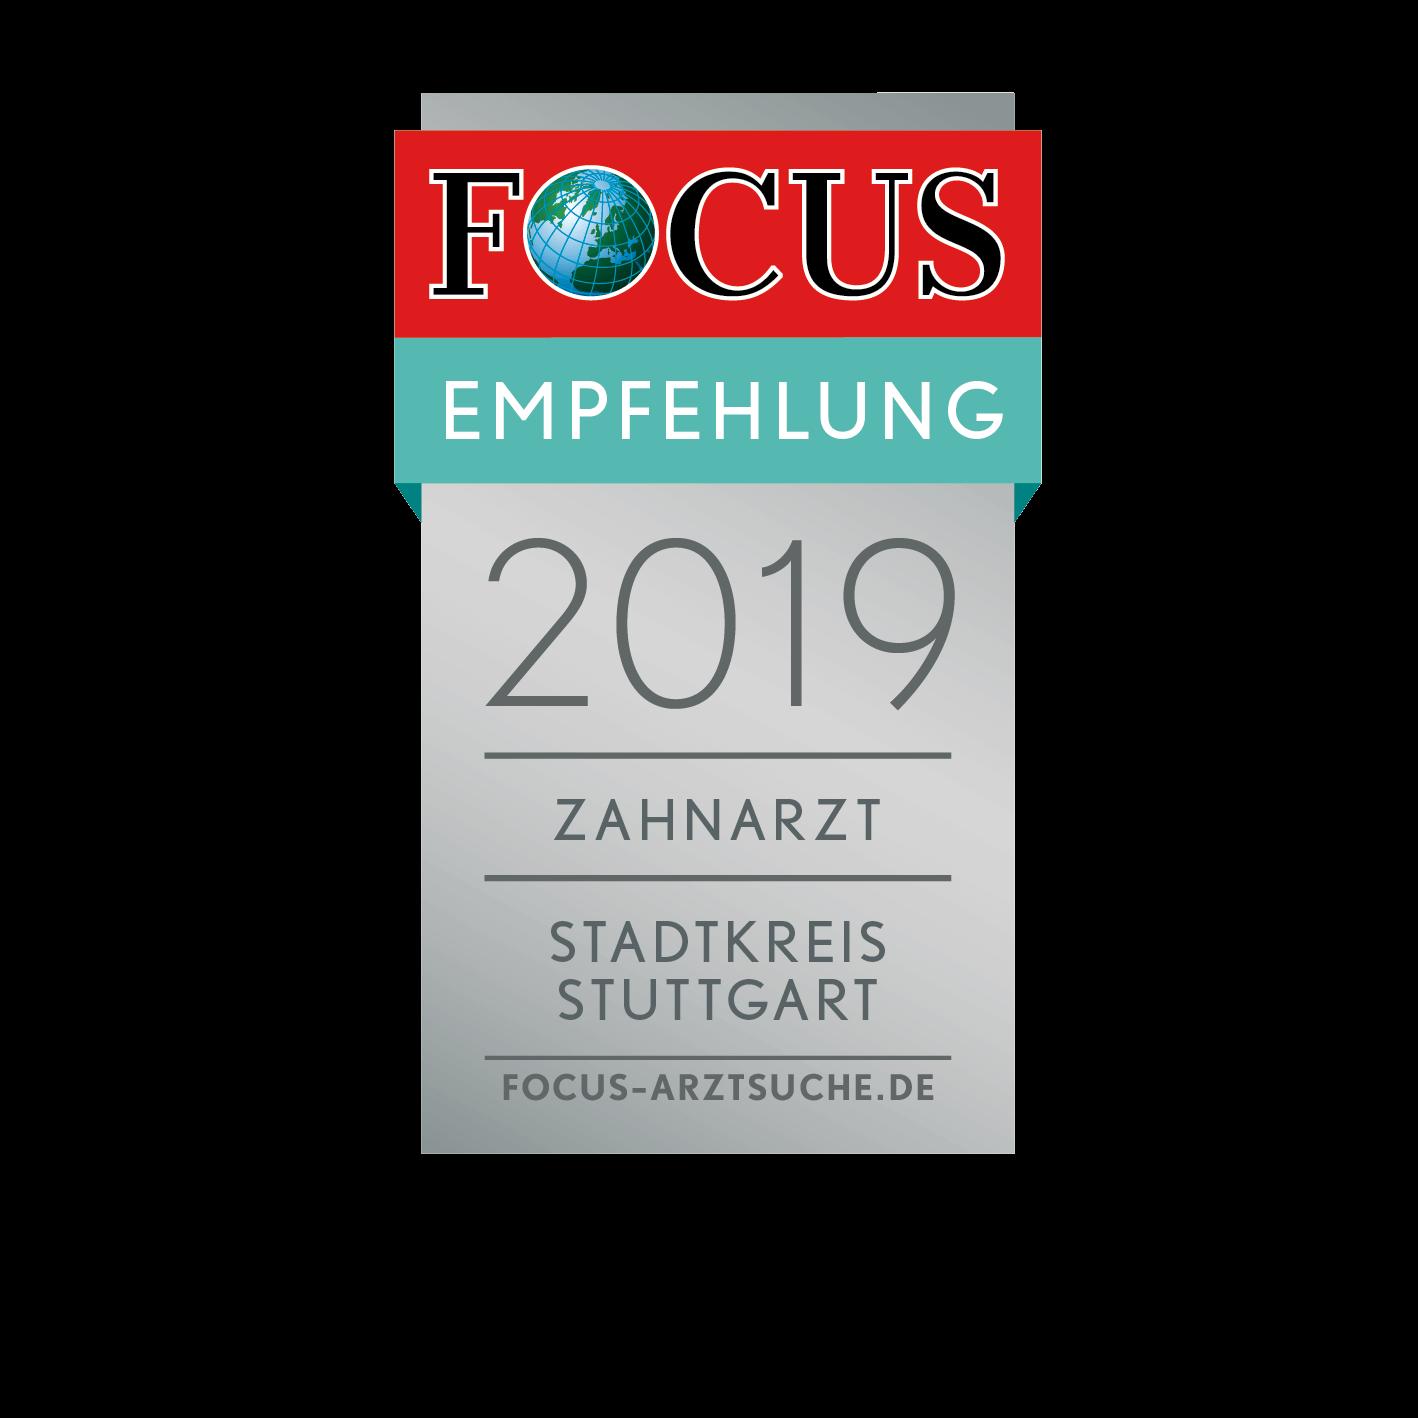 Focus Empfehlung Zahnarzt Stuttgart Dr. Strohkendl